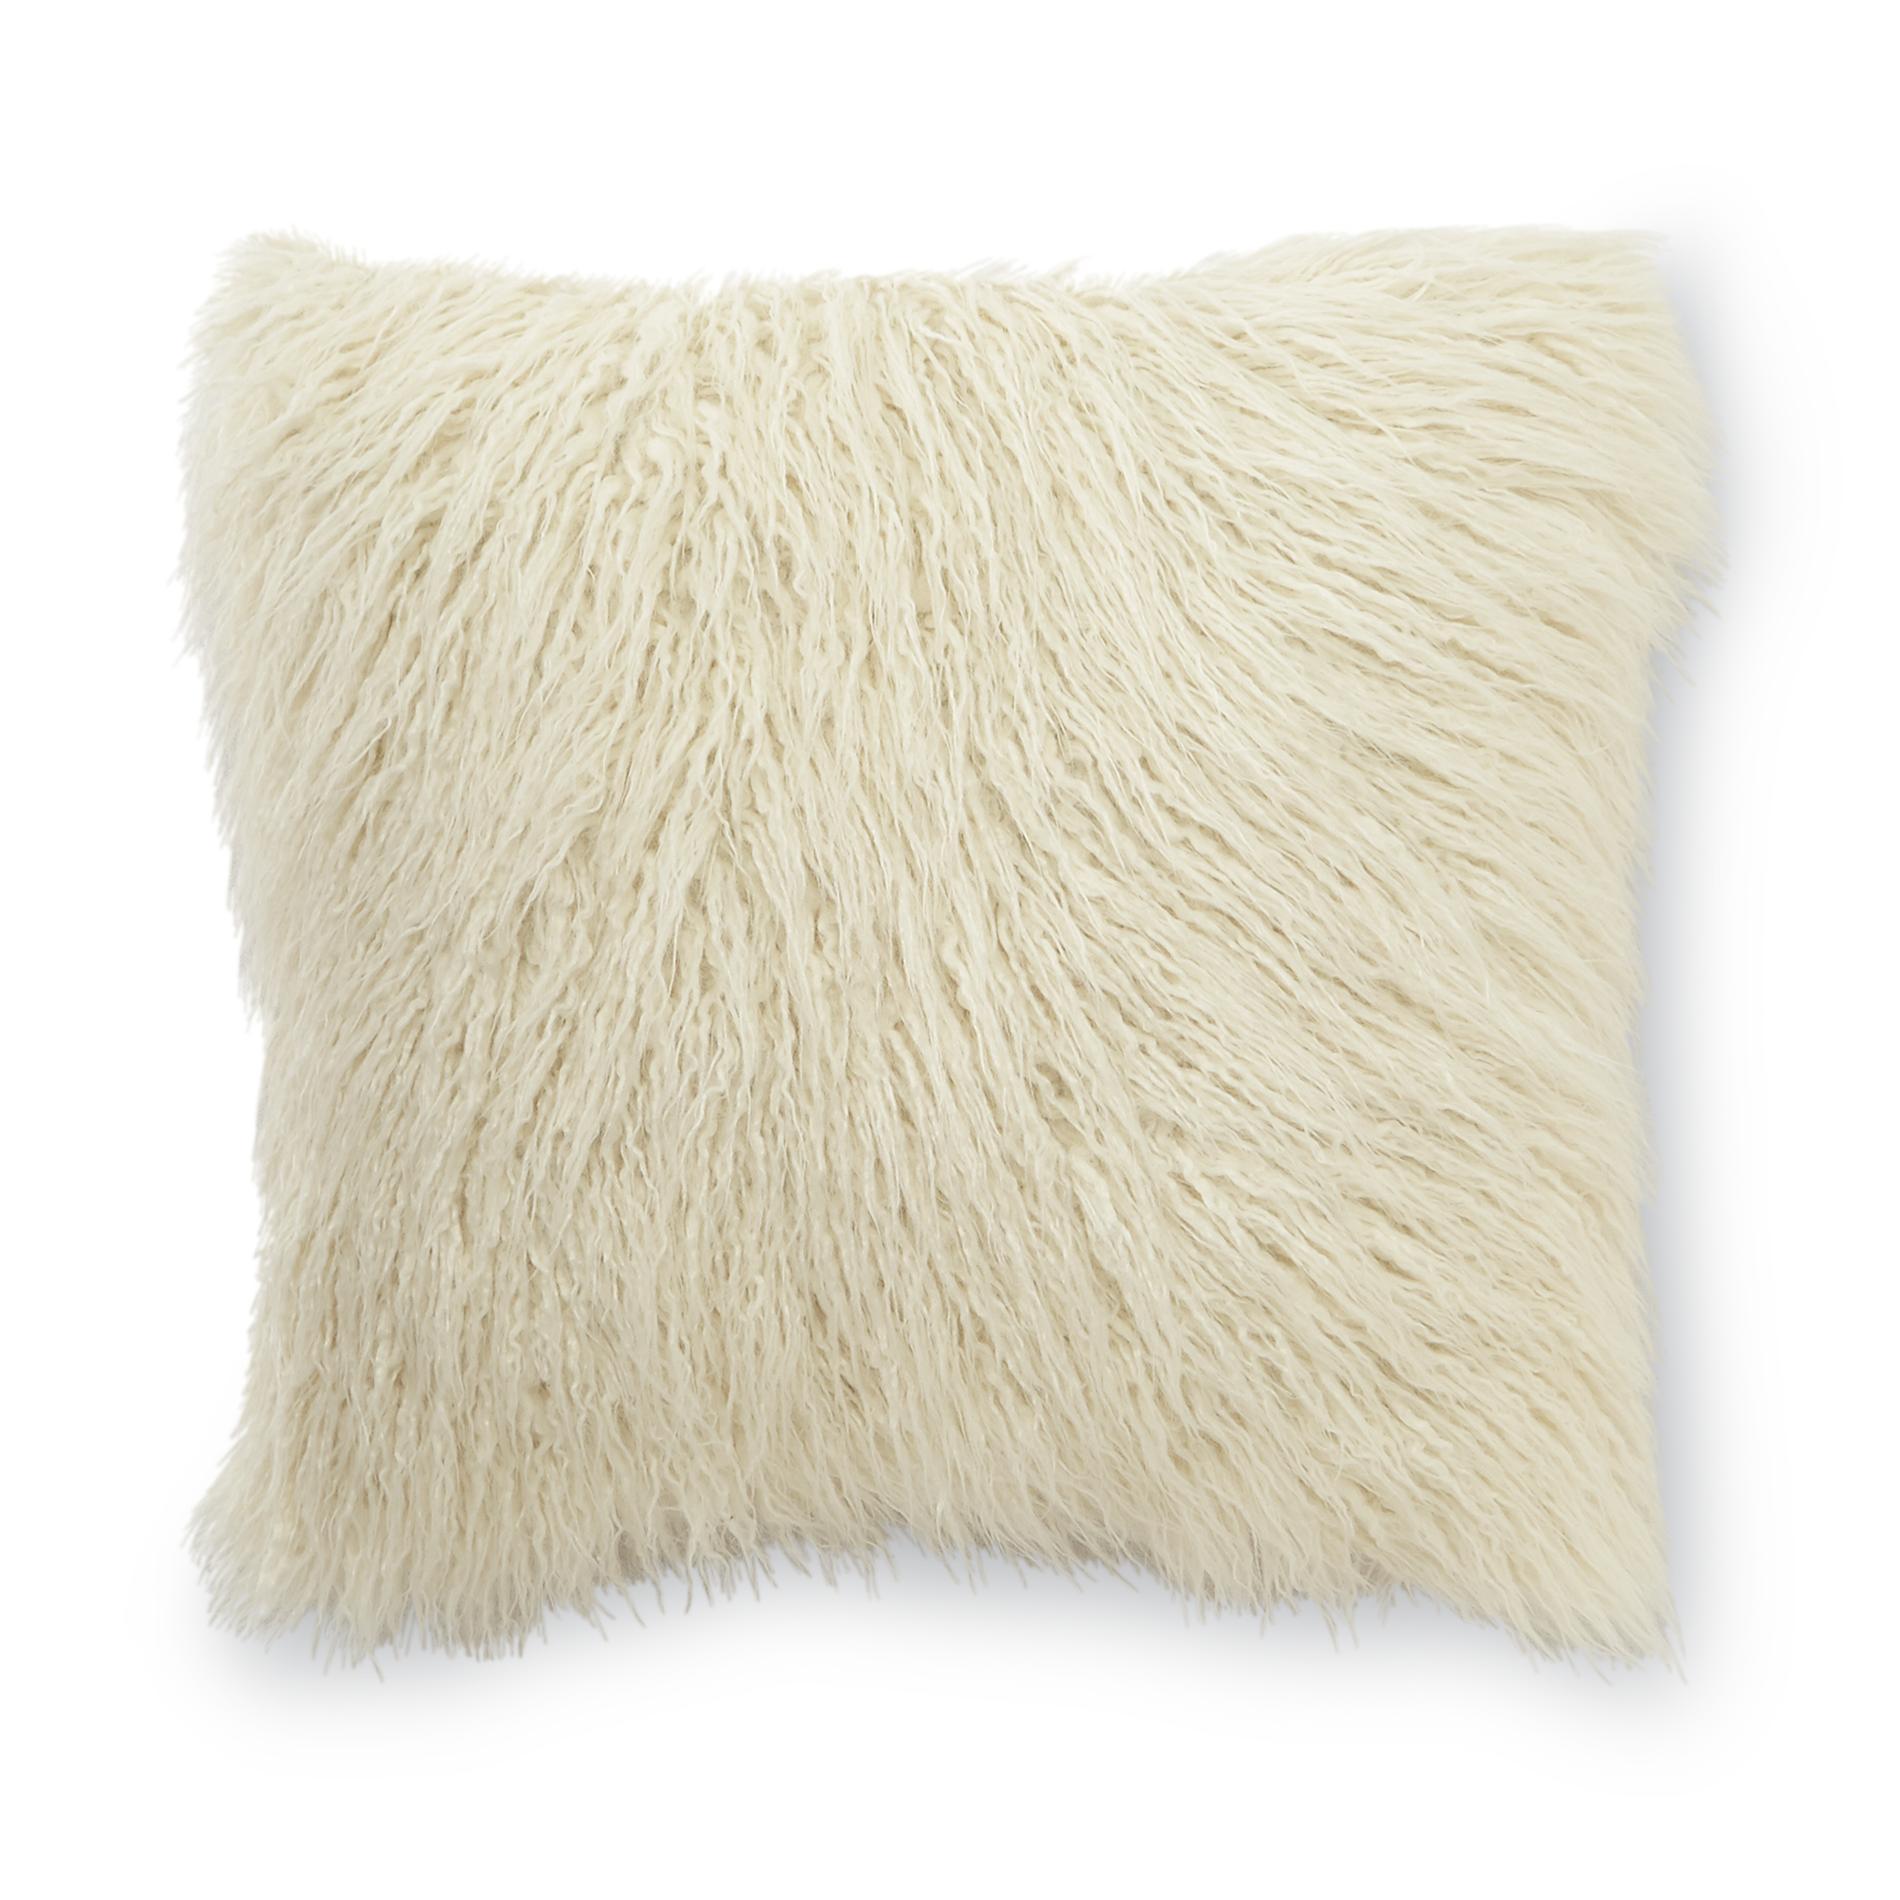 Essential Home Mongolian Faux Fur Square Decorative Pillow